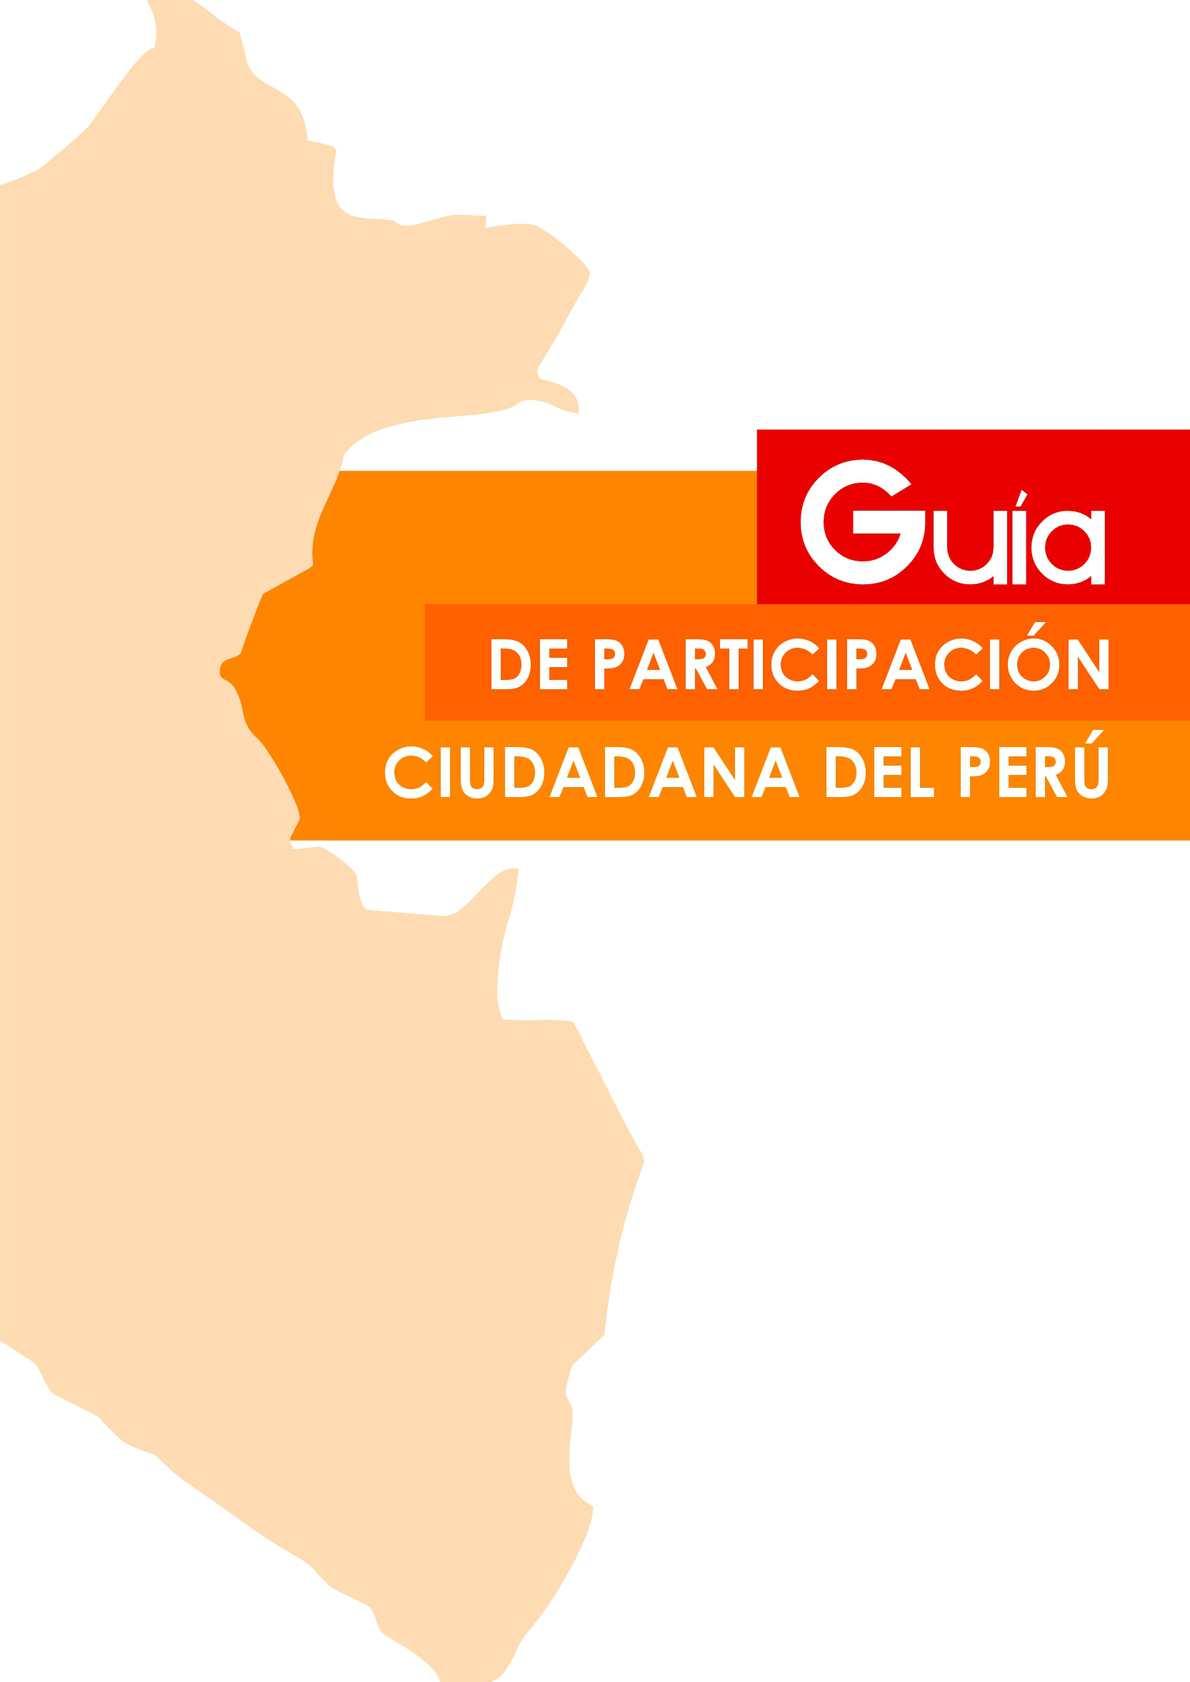 guia-de-participacion-ciudadana-del-peru-jne-2008